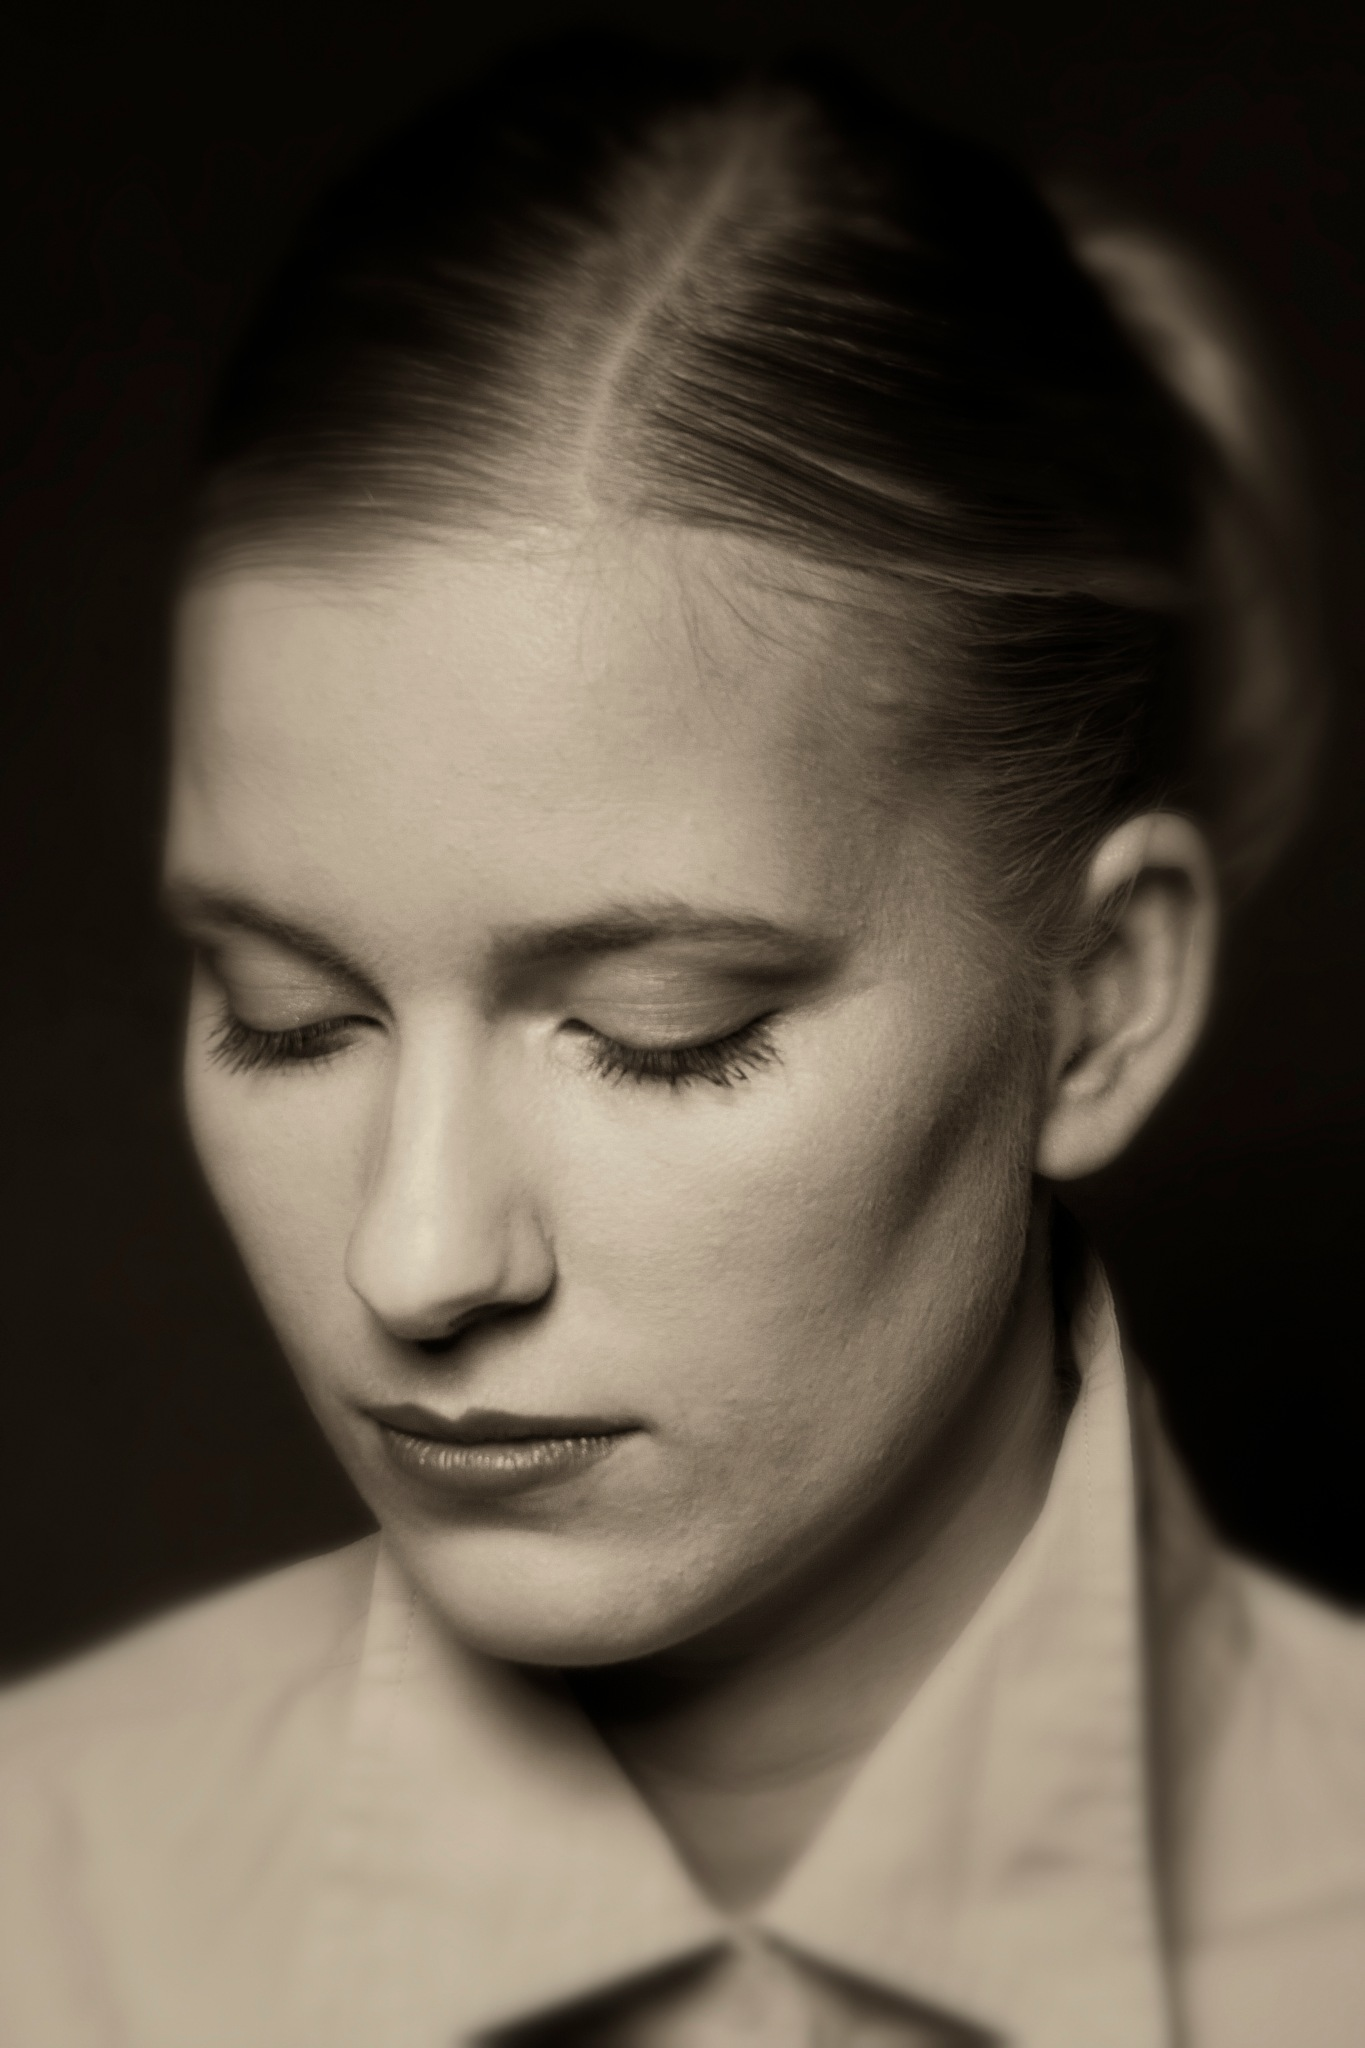 Skindeep by Antoinette Raijmakers